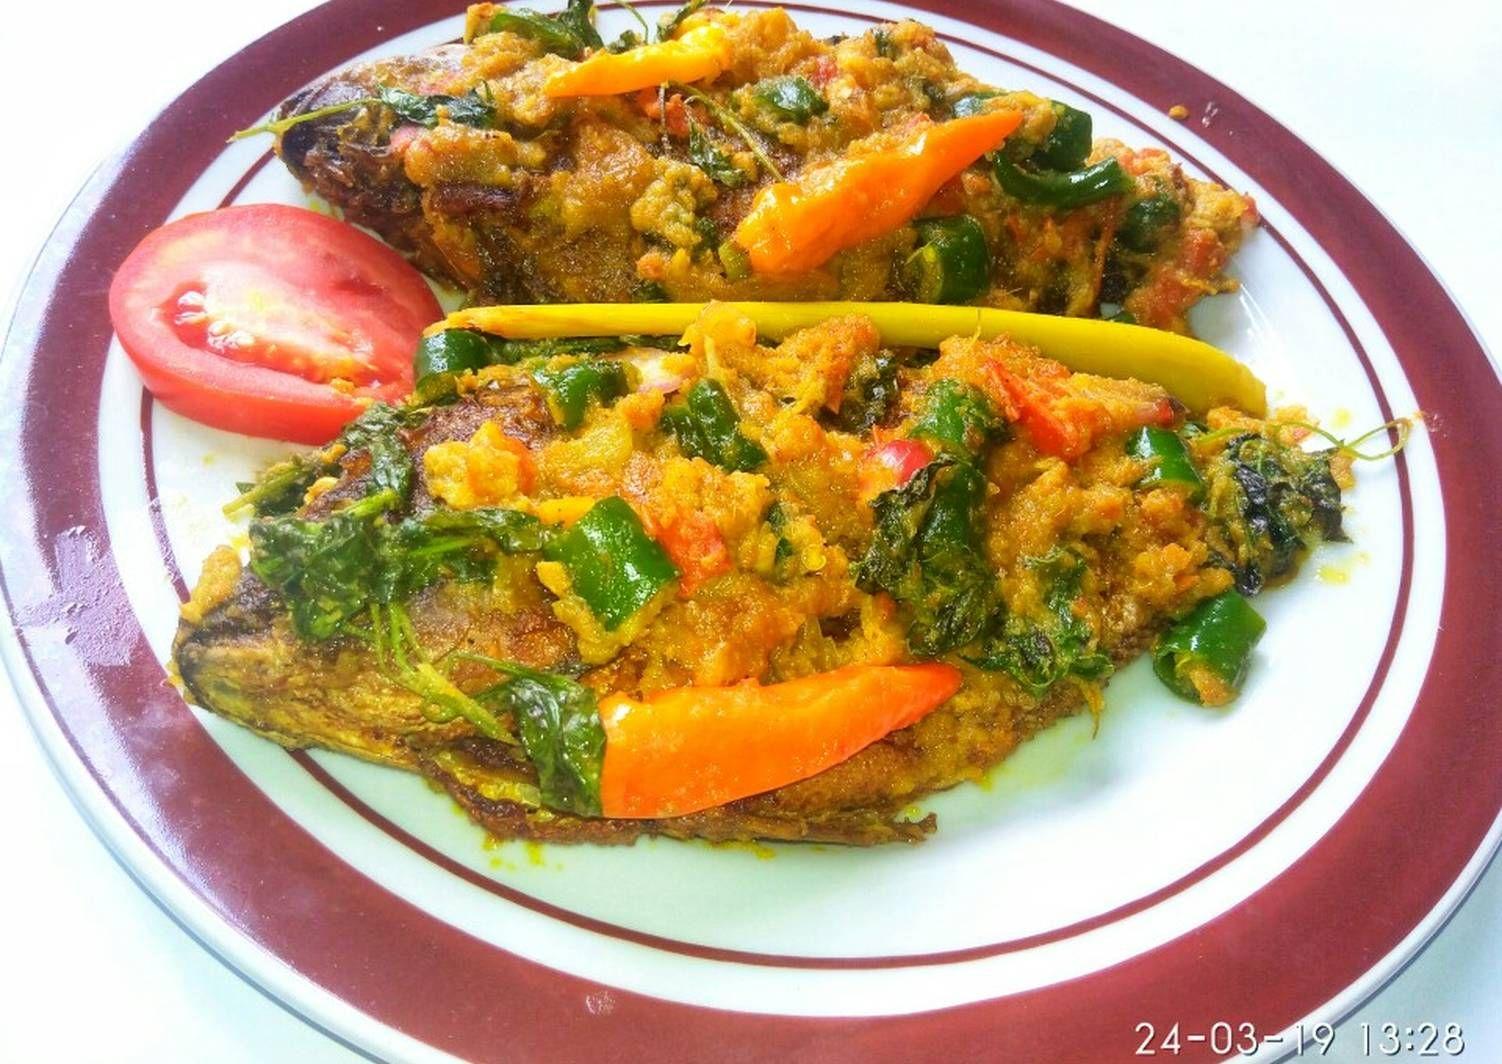 Resep Pesmol Ikan Nila Oleh Atun Mey Resep Lauk Makan Malam Resep Masakan Dekorasi Makanan